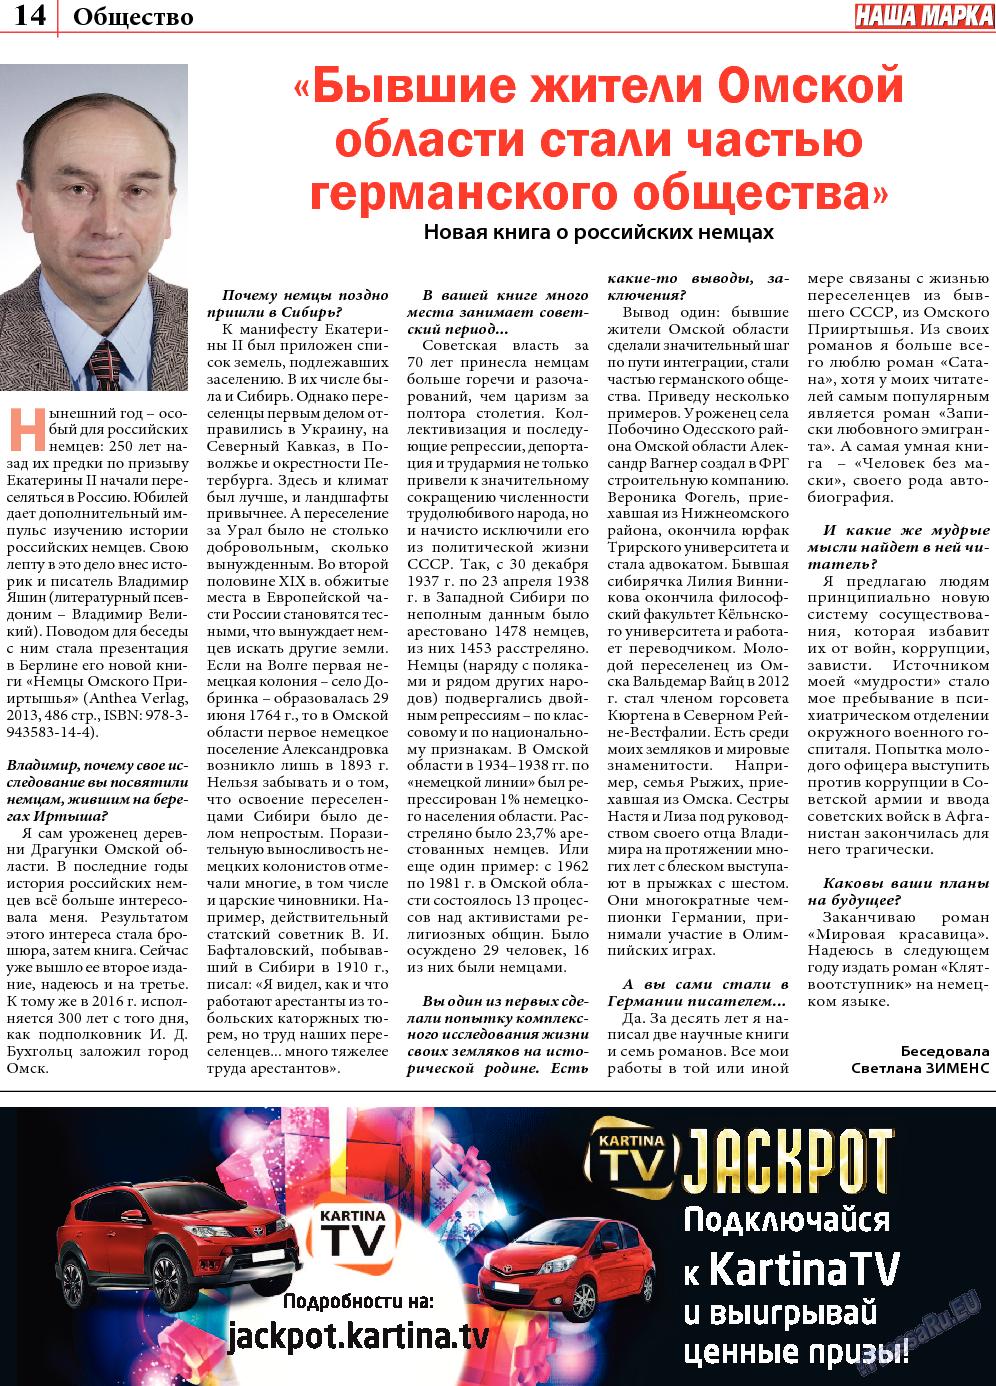 Наша марка (газета). 2013 год, номер 11, стр. 14